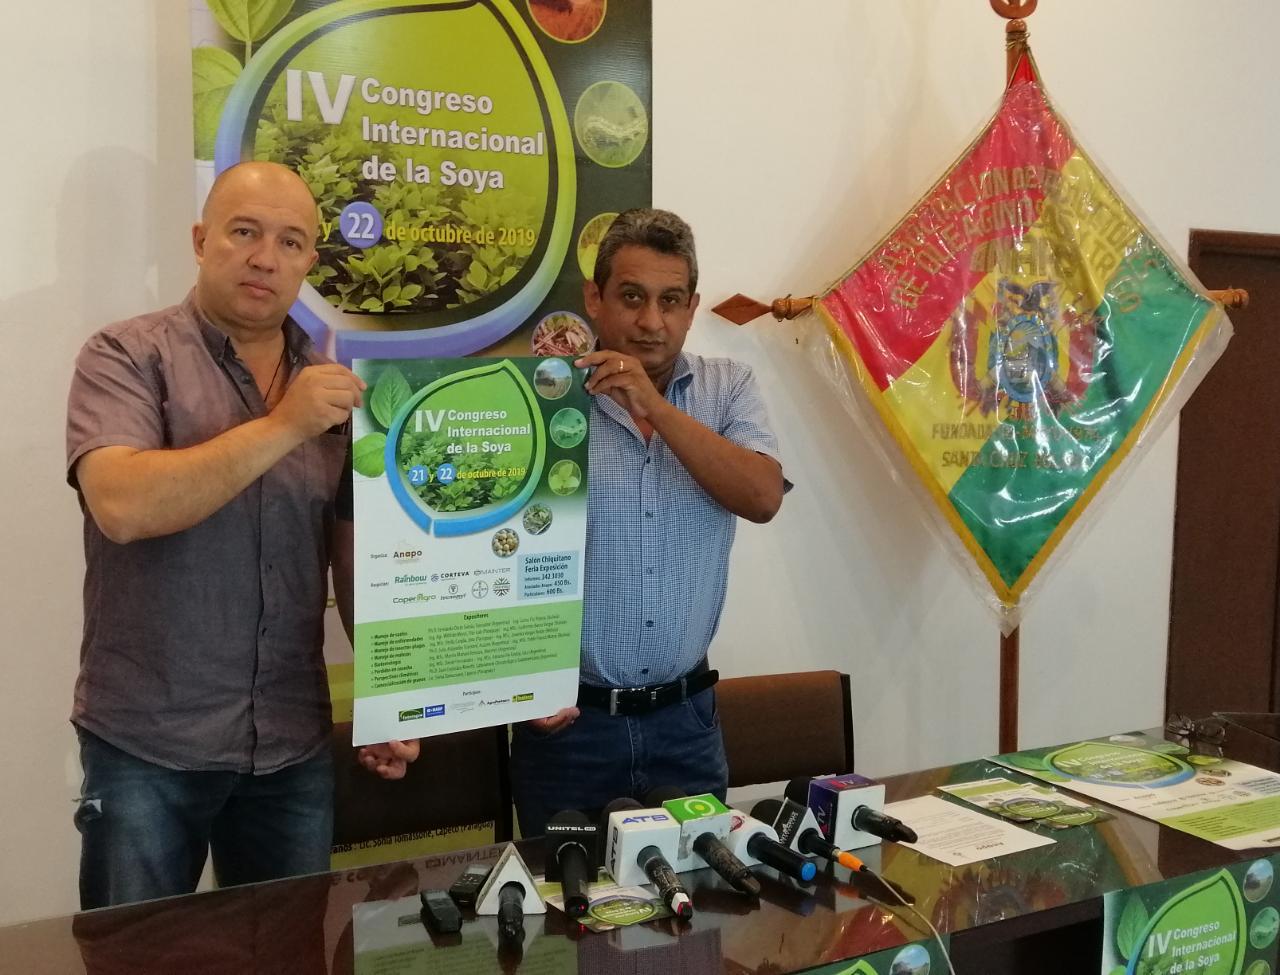 ANAPO organiza congreso Internacional de la Soya